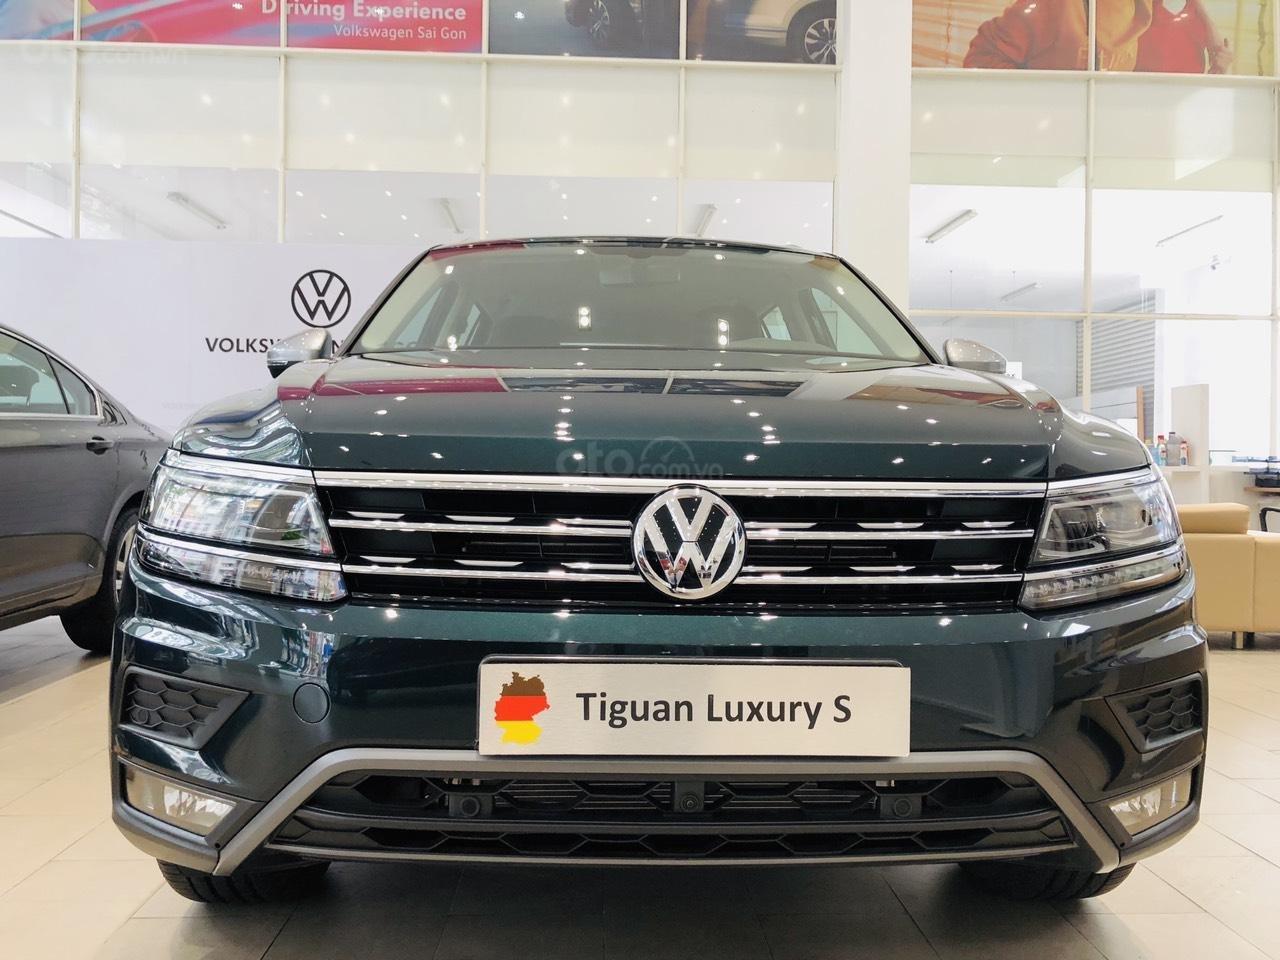 Volkswagen Tiguan Luxury S xanh rêu lạ mắt - xe Đức nhập khẩu 100% - giao ngay (2)